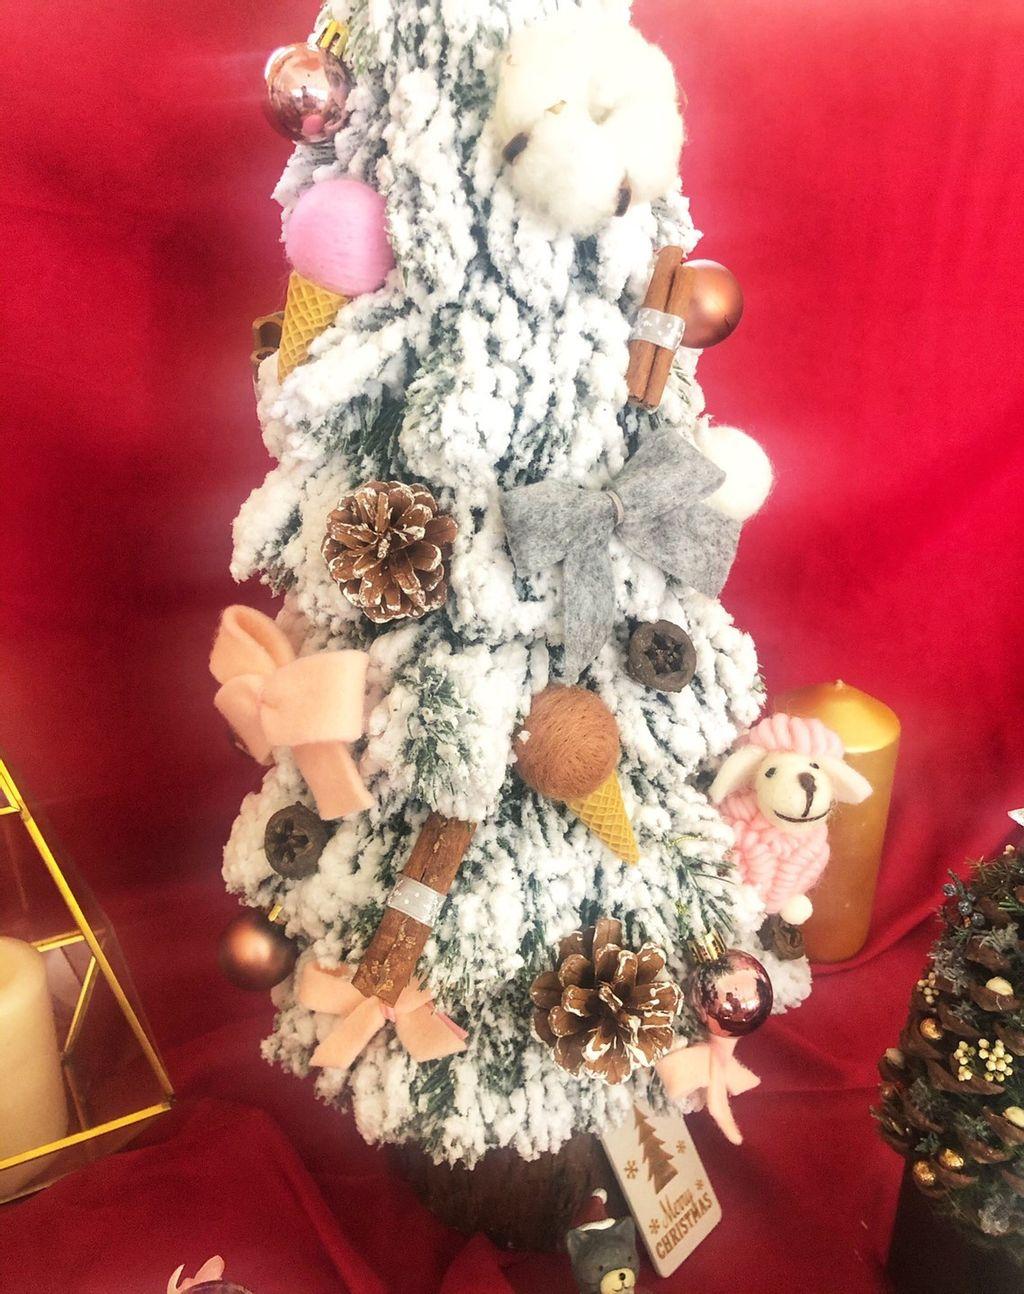 仿真聖誕樹50公分_191112_0032.jpg